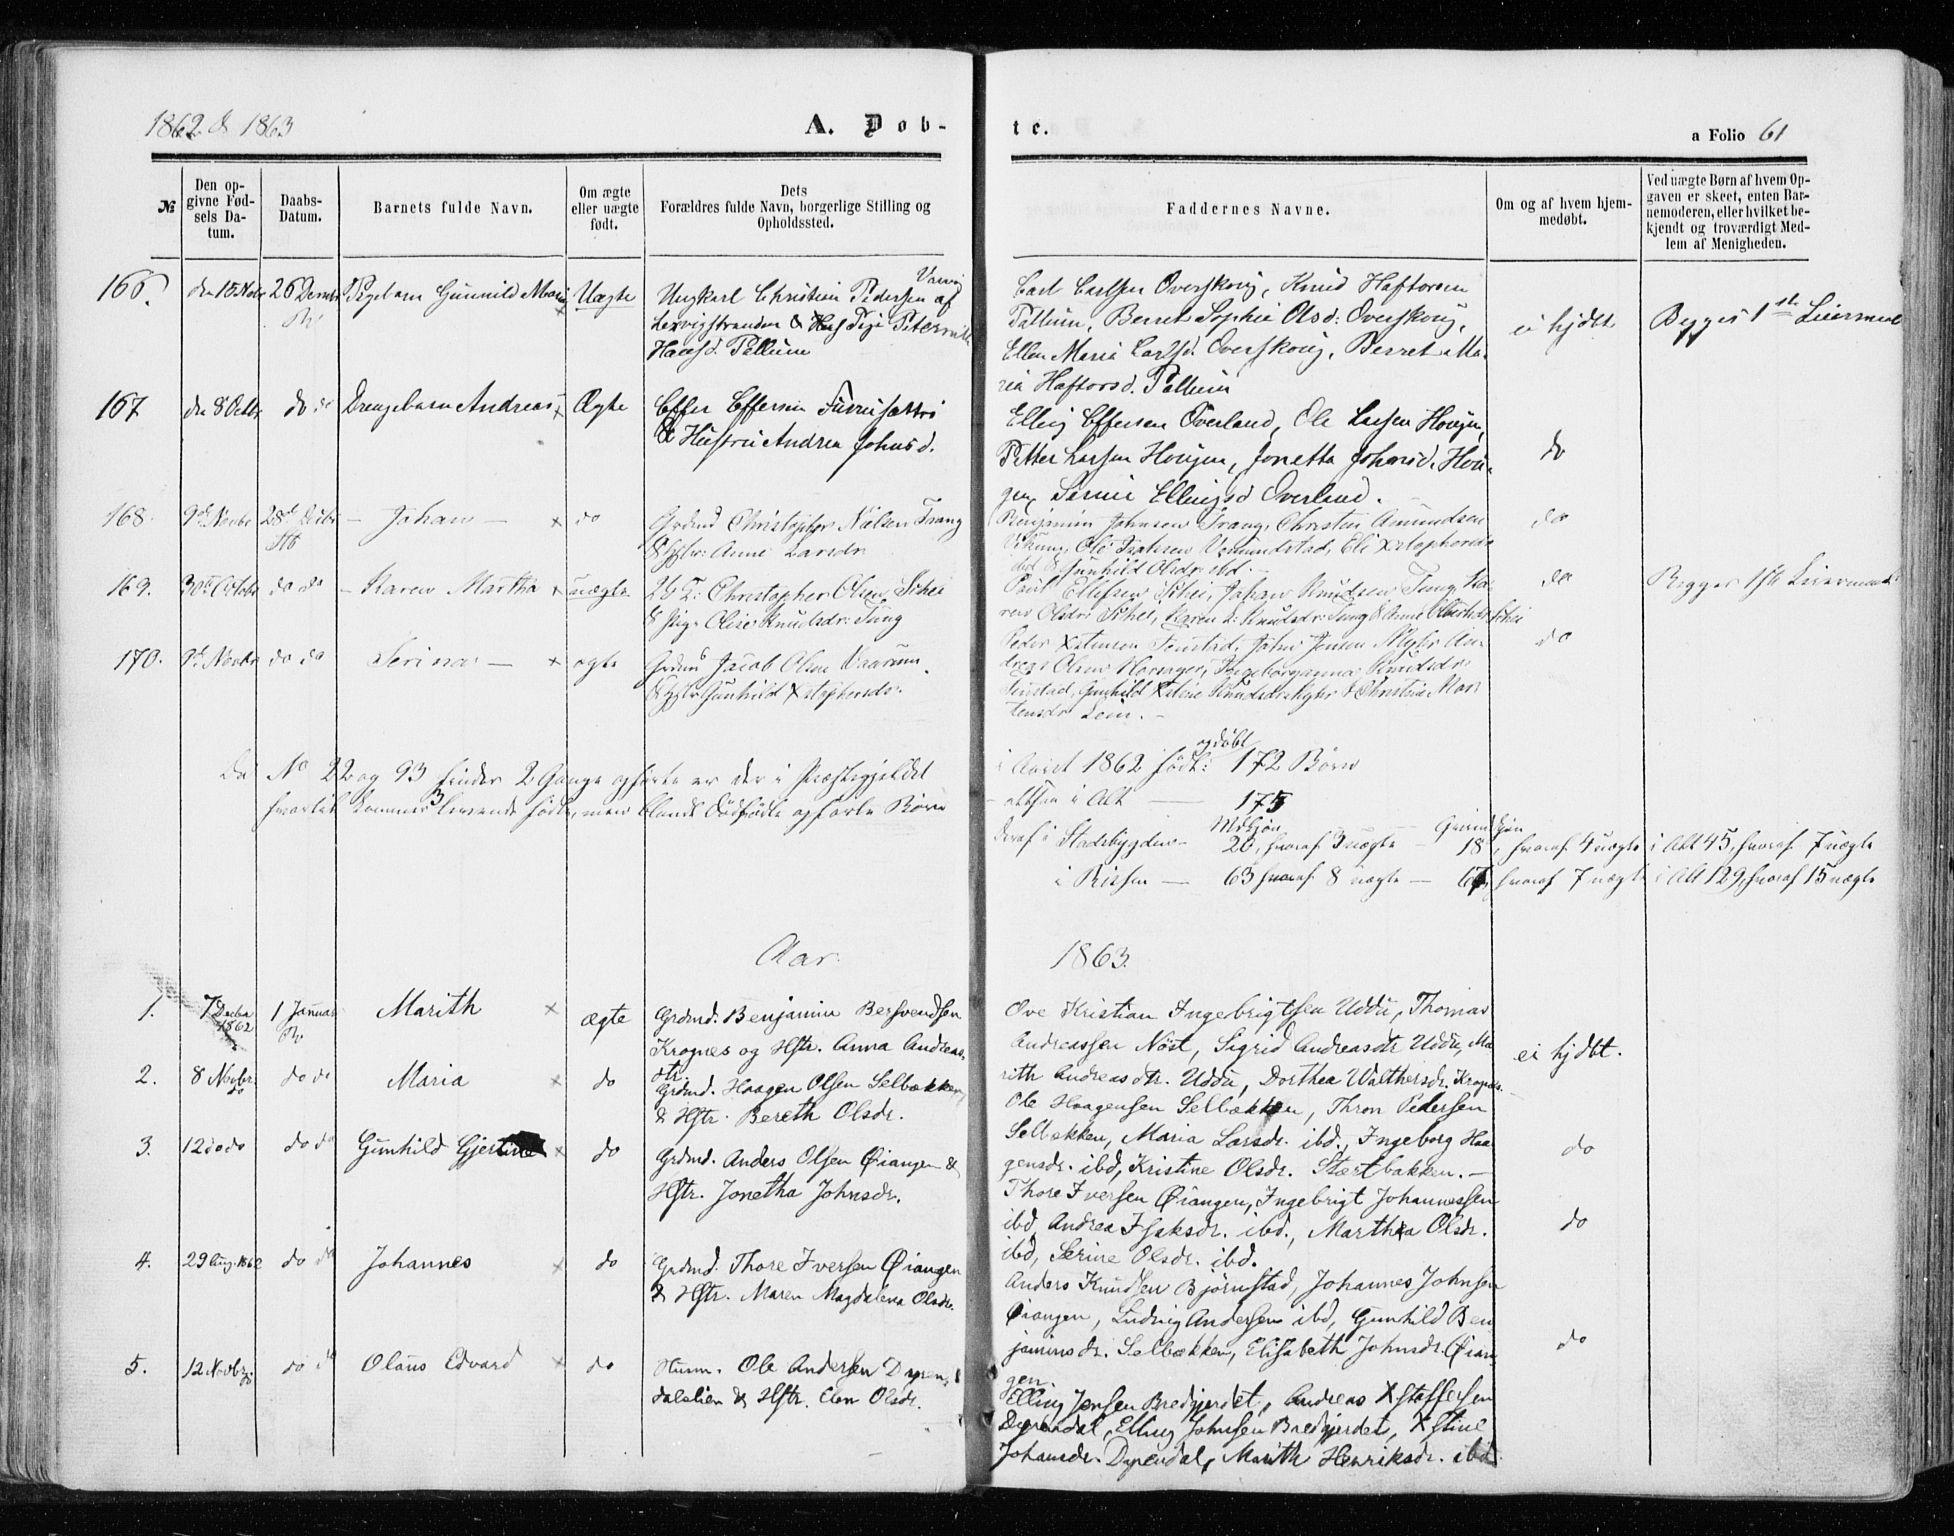 SAT, Ministerialprotokoller, klokkerbøker og fødselsregistre - Sør-Trøndelag, 646/L0612: Ministerialbok nr. 646A10, 1858-1869, s. 61